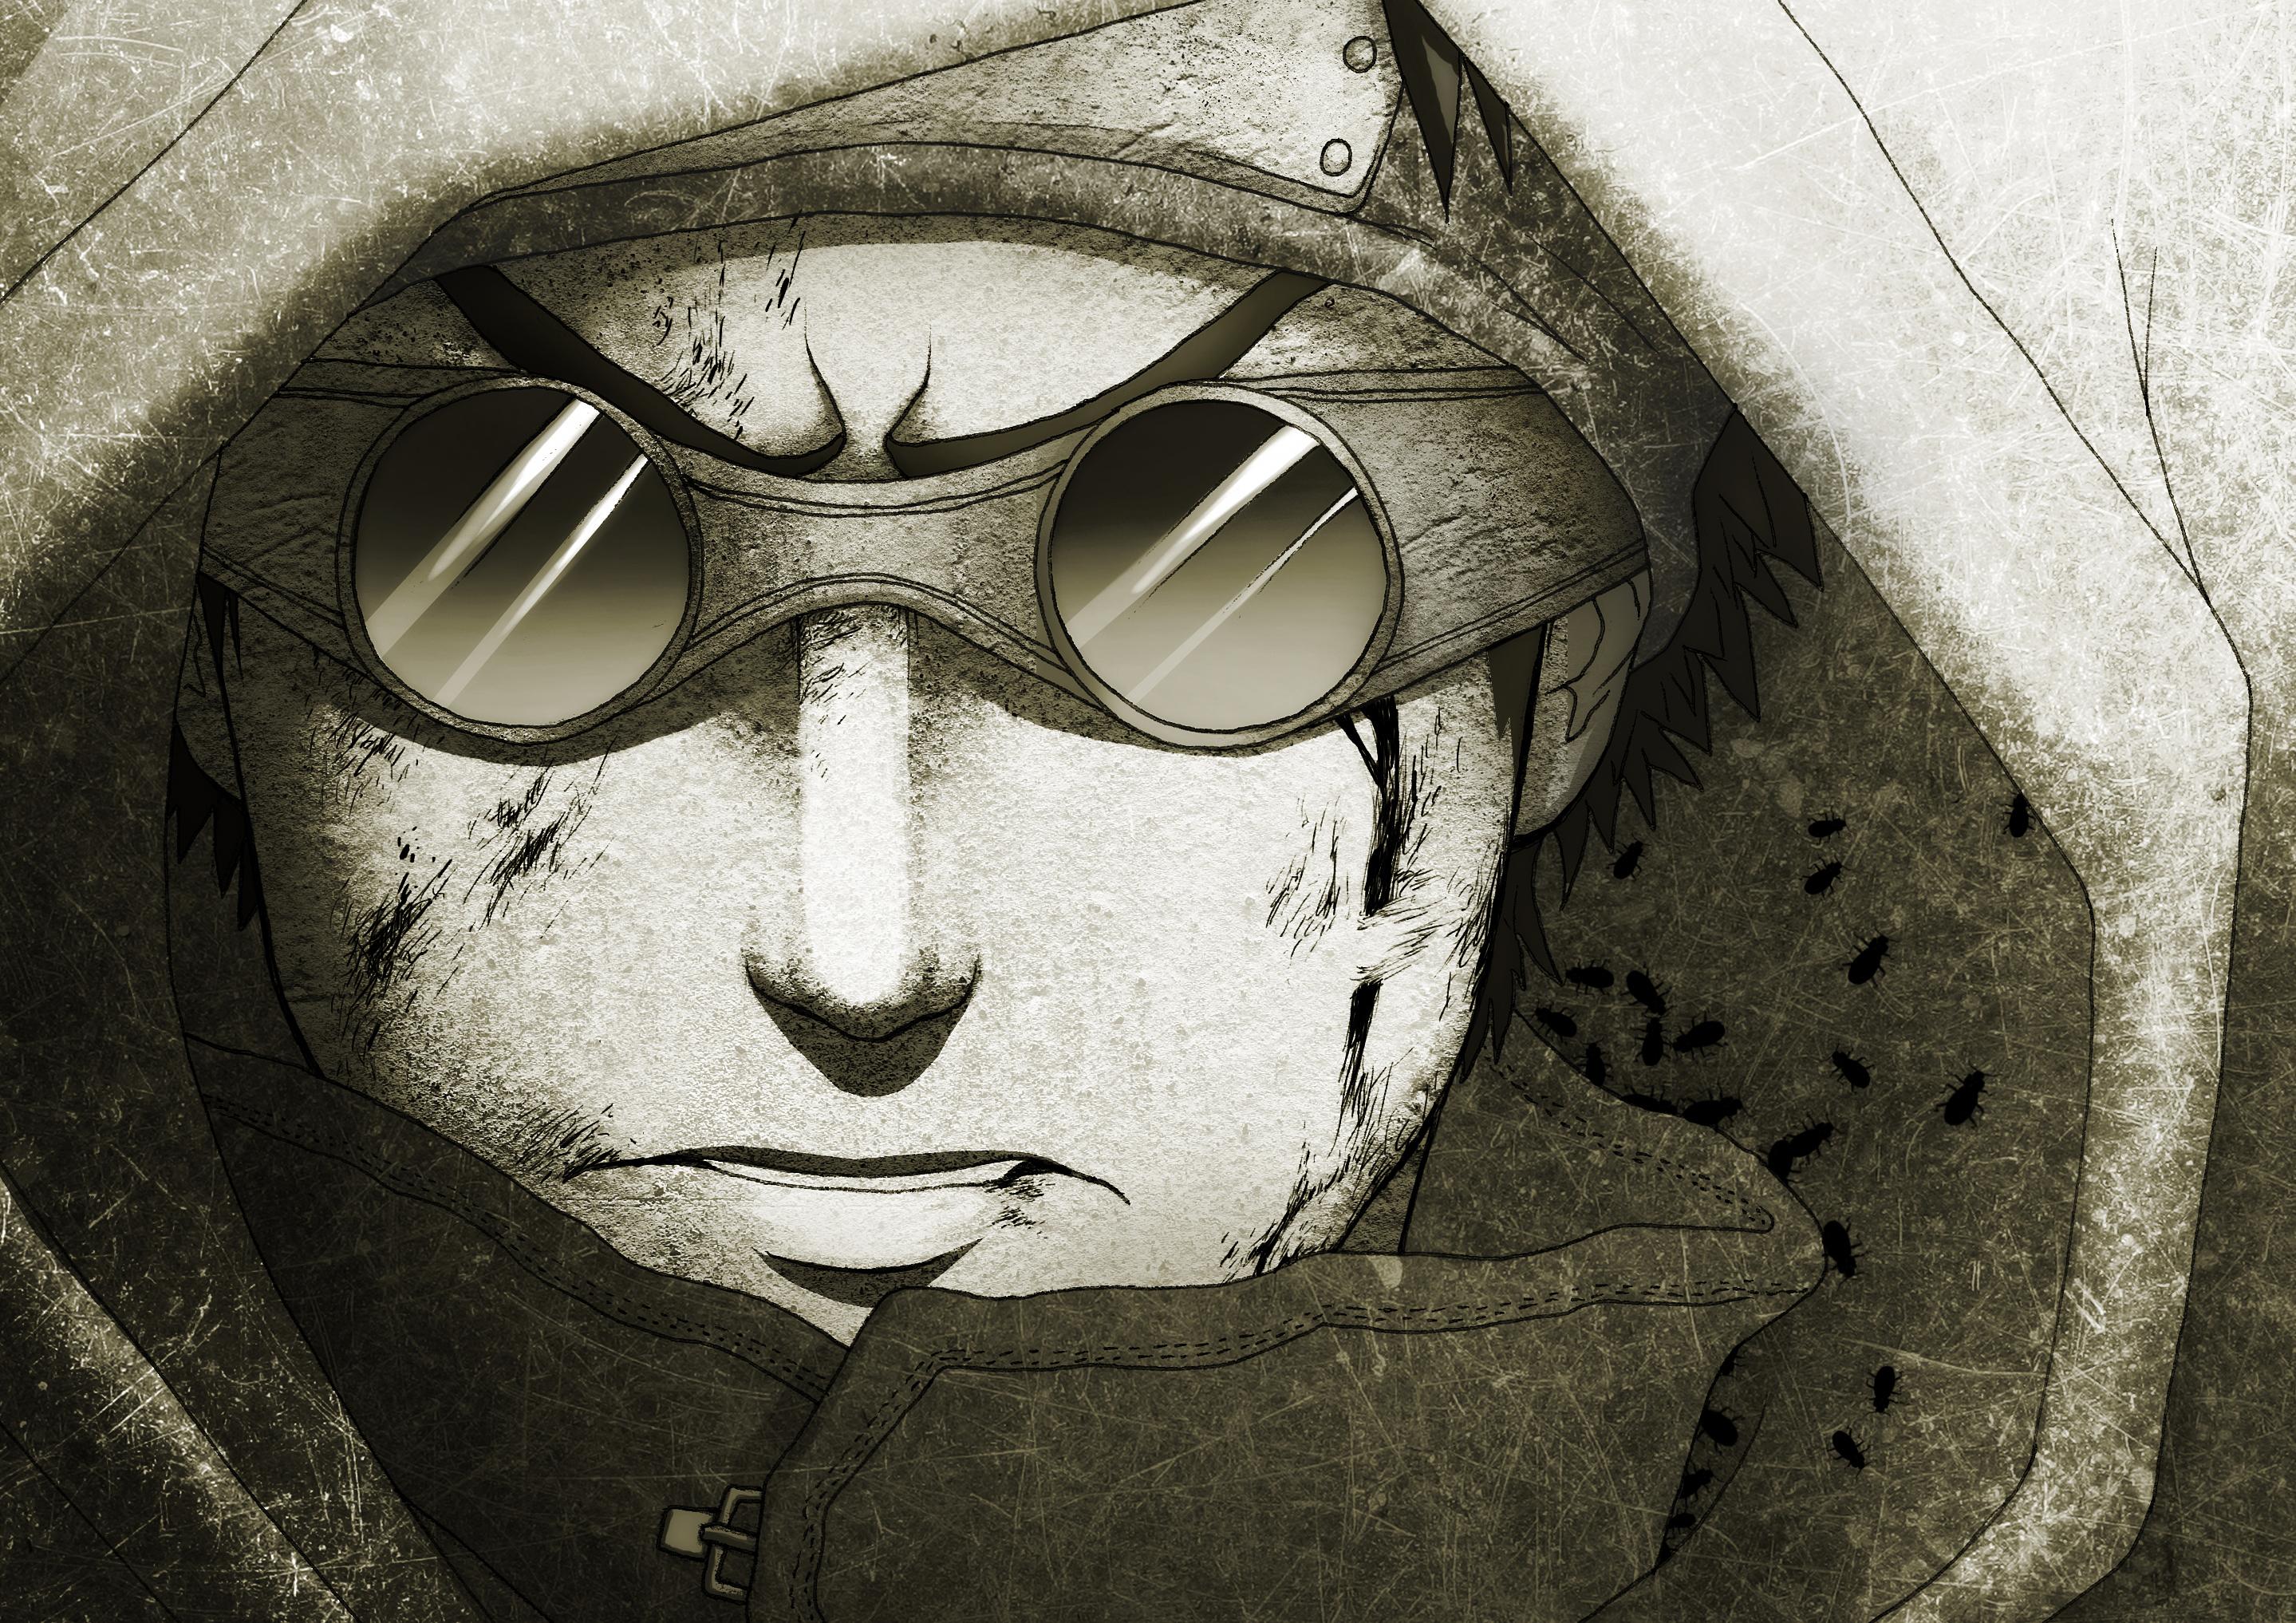 Naruto aburame shino blood naruto wallpaper | 2878x2034 | 116547 | WallpaperUP